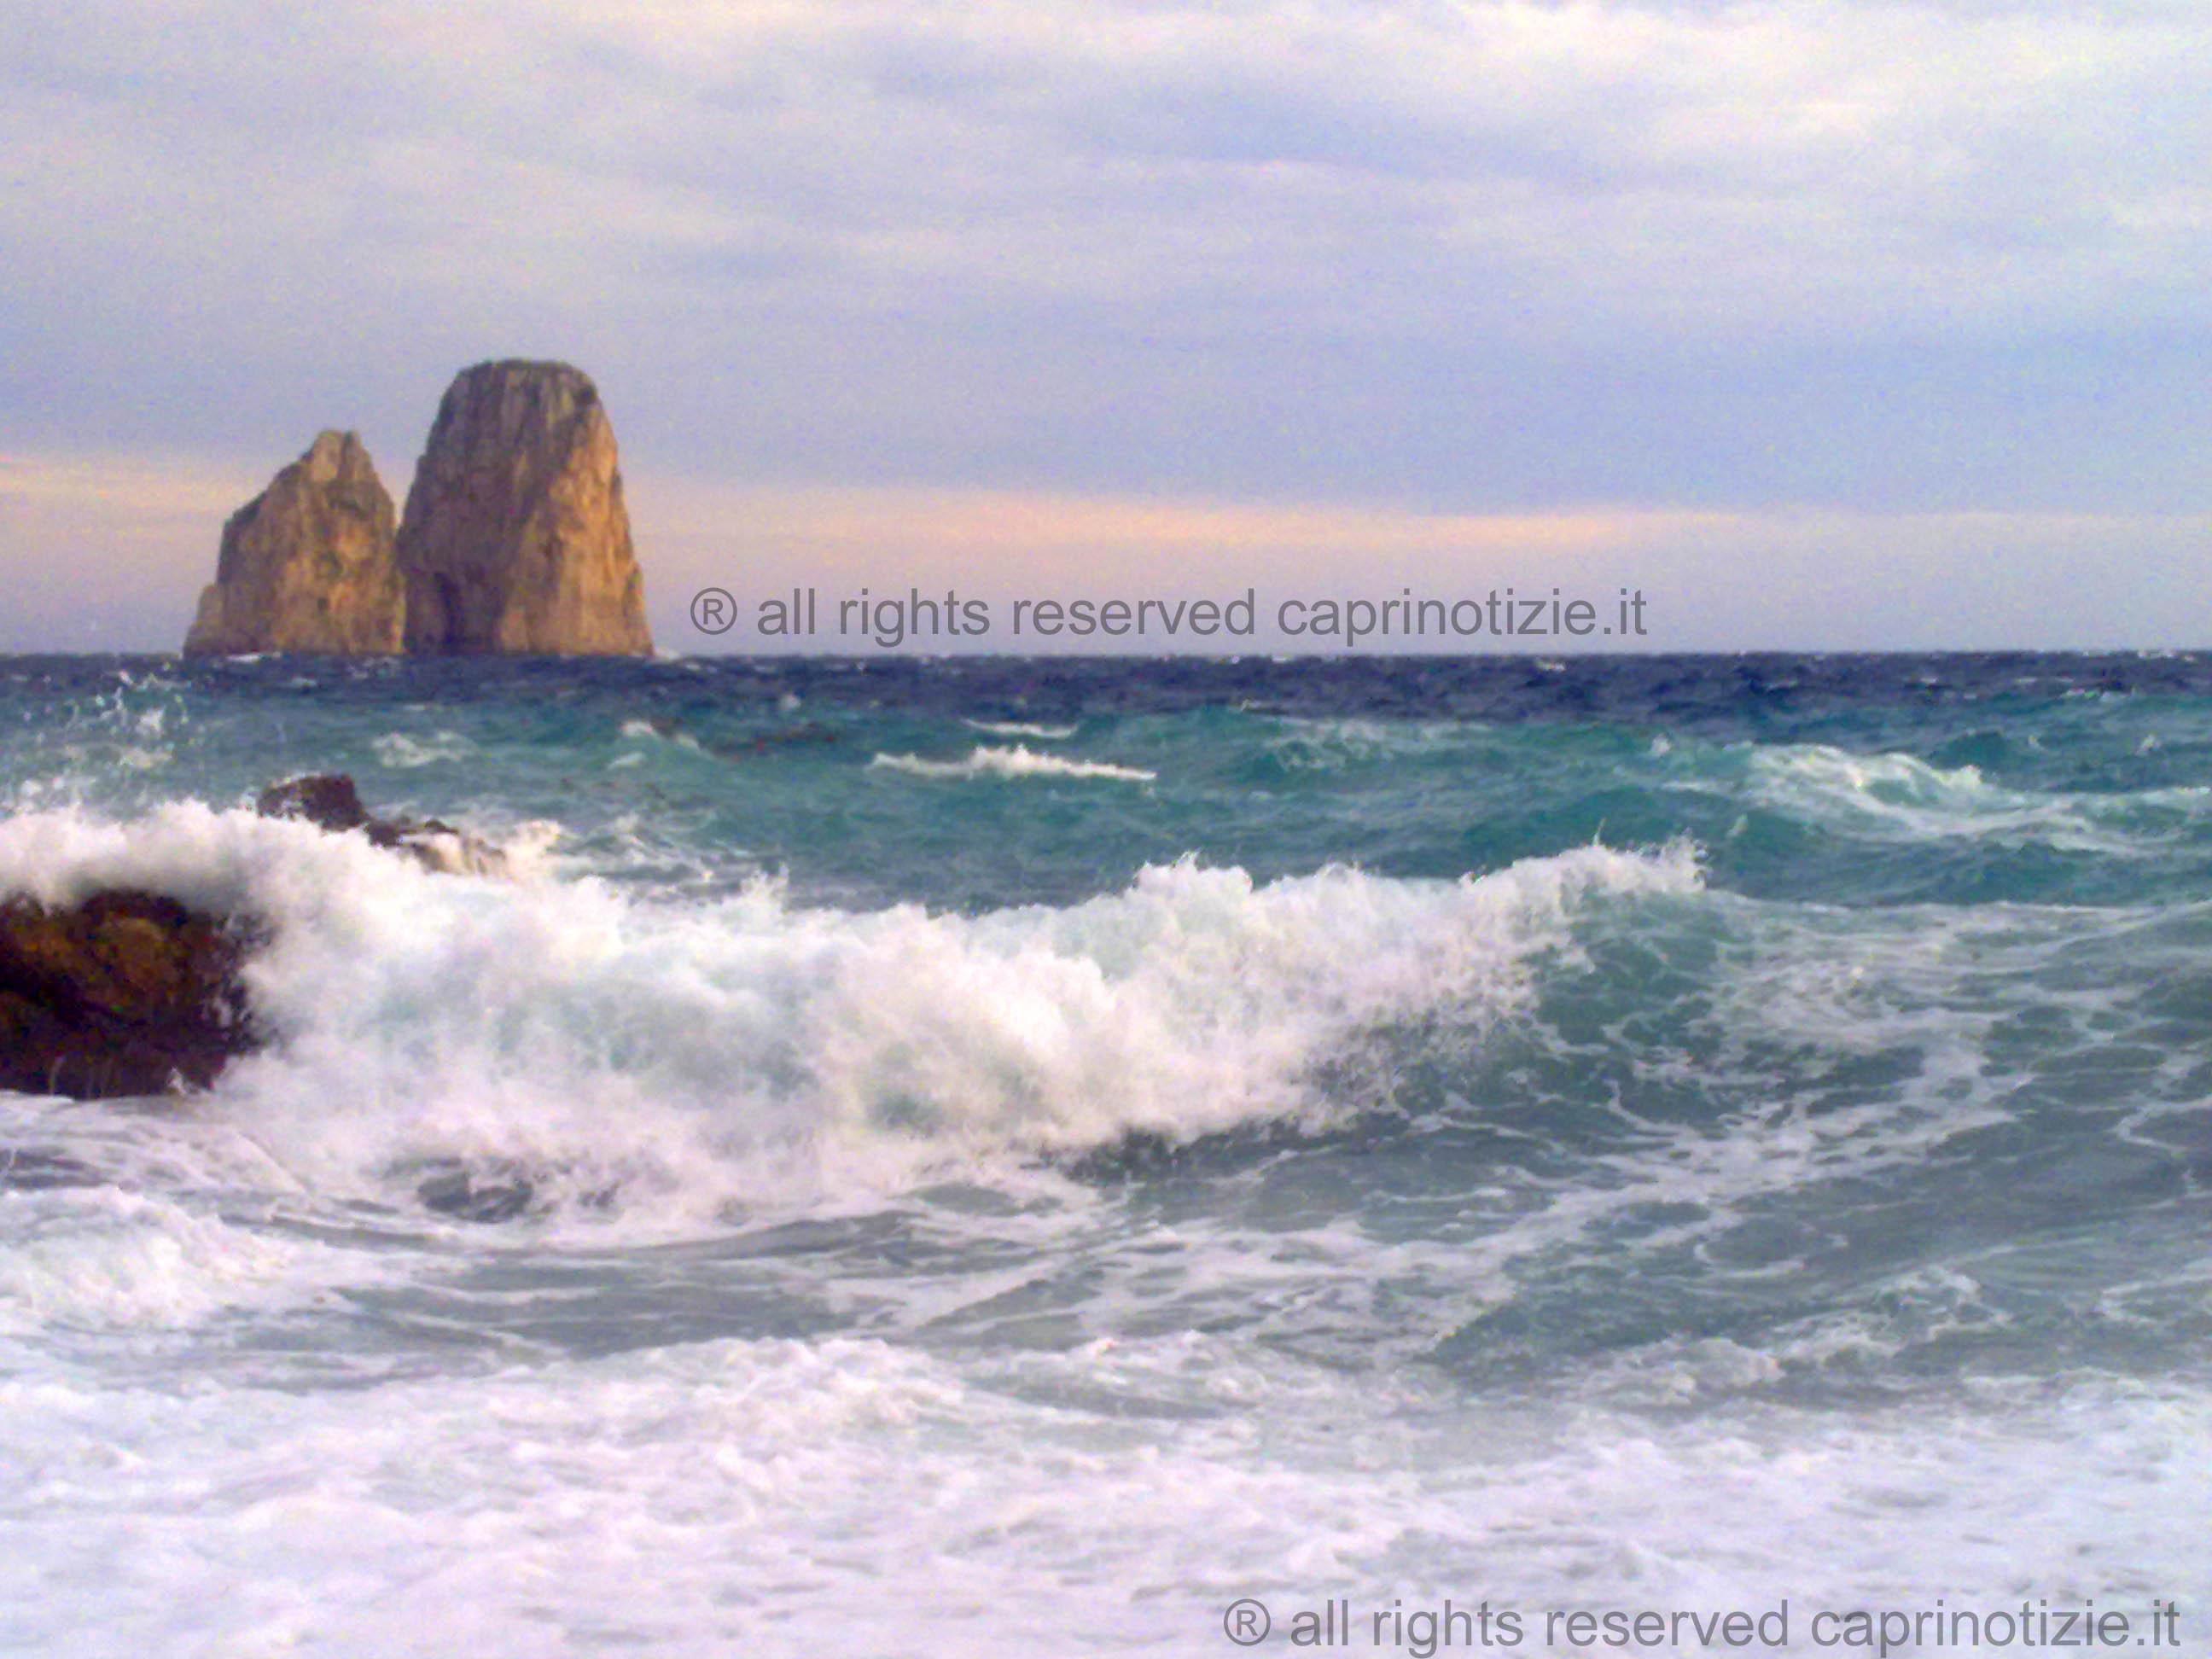 Capri: inizio Settimana Piovoso  con venti moderati da Sud e mare Mosso (Previsioni)